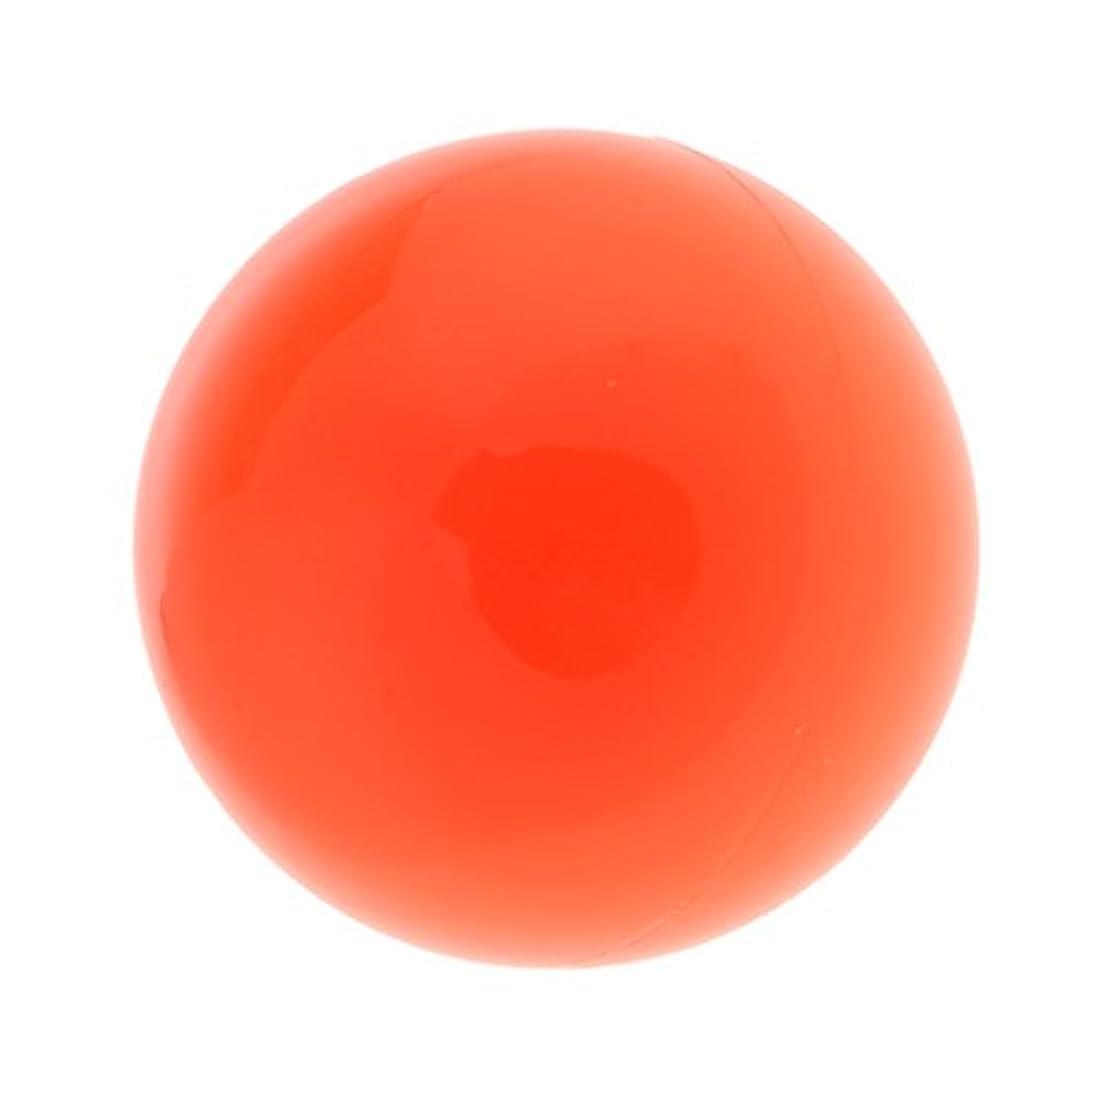 競争ラジウム取り扱いCUTICATE ポイントマッサージ ボール ラクロスマッサージボール マッサージ ソフト トレーニング